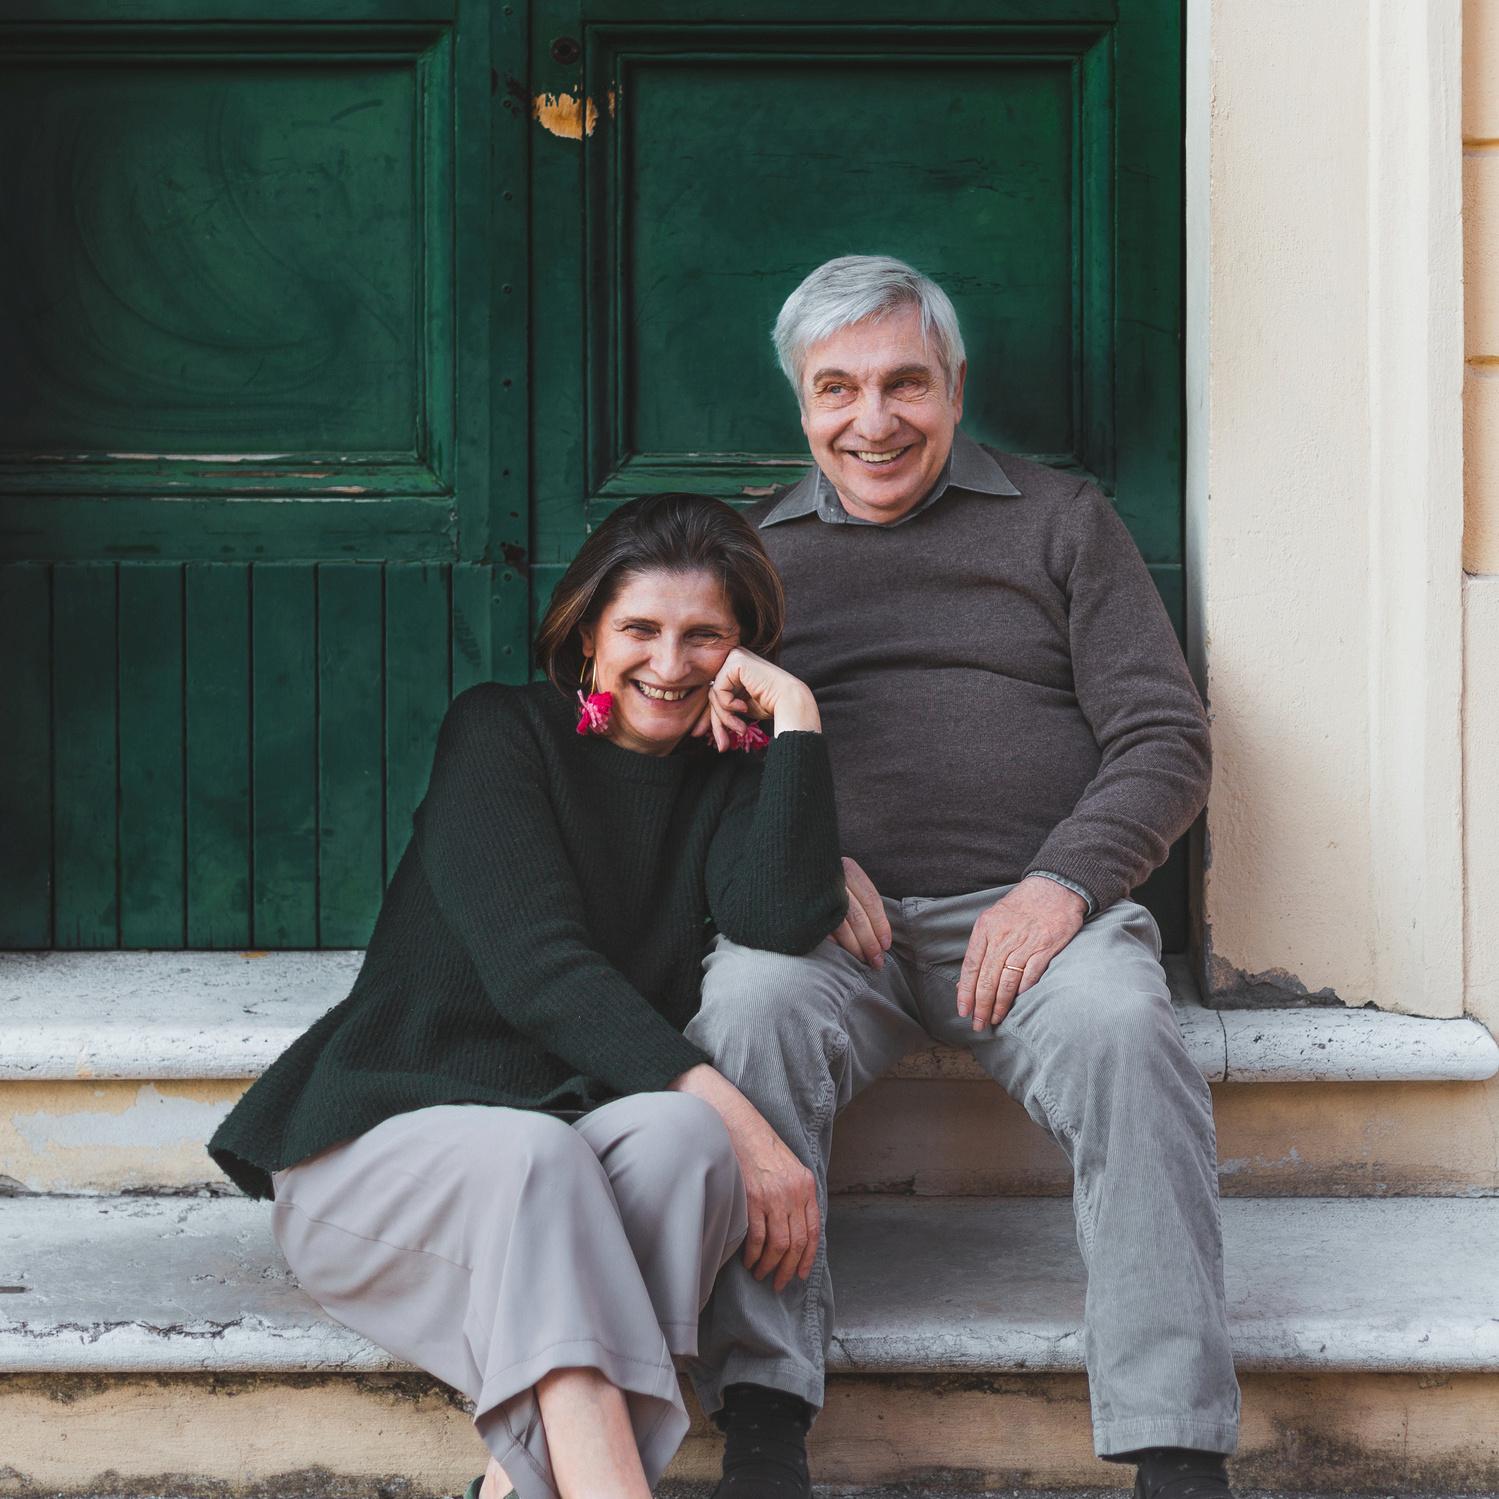 Coppia cinquantenne sorridente seduta davanti a un portone verde